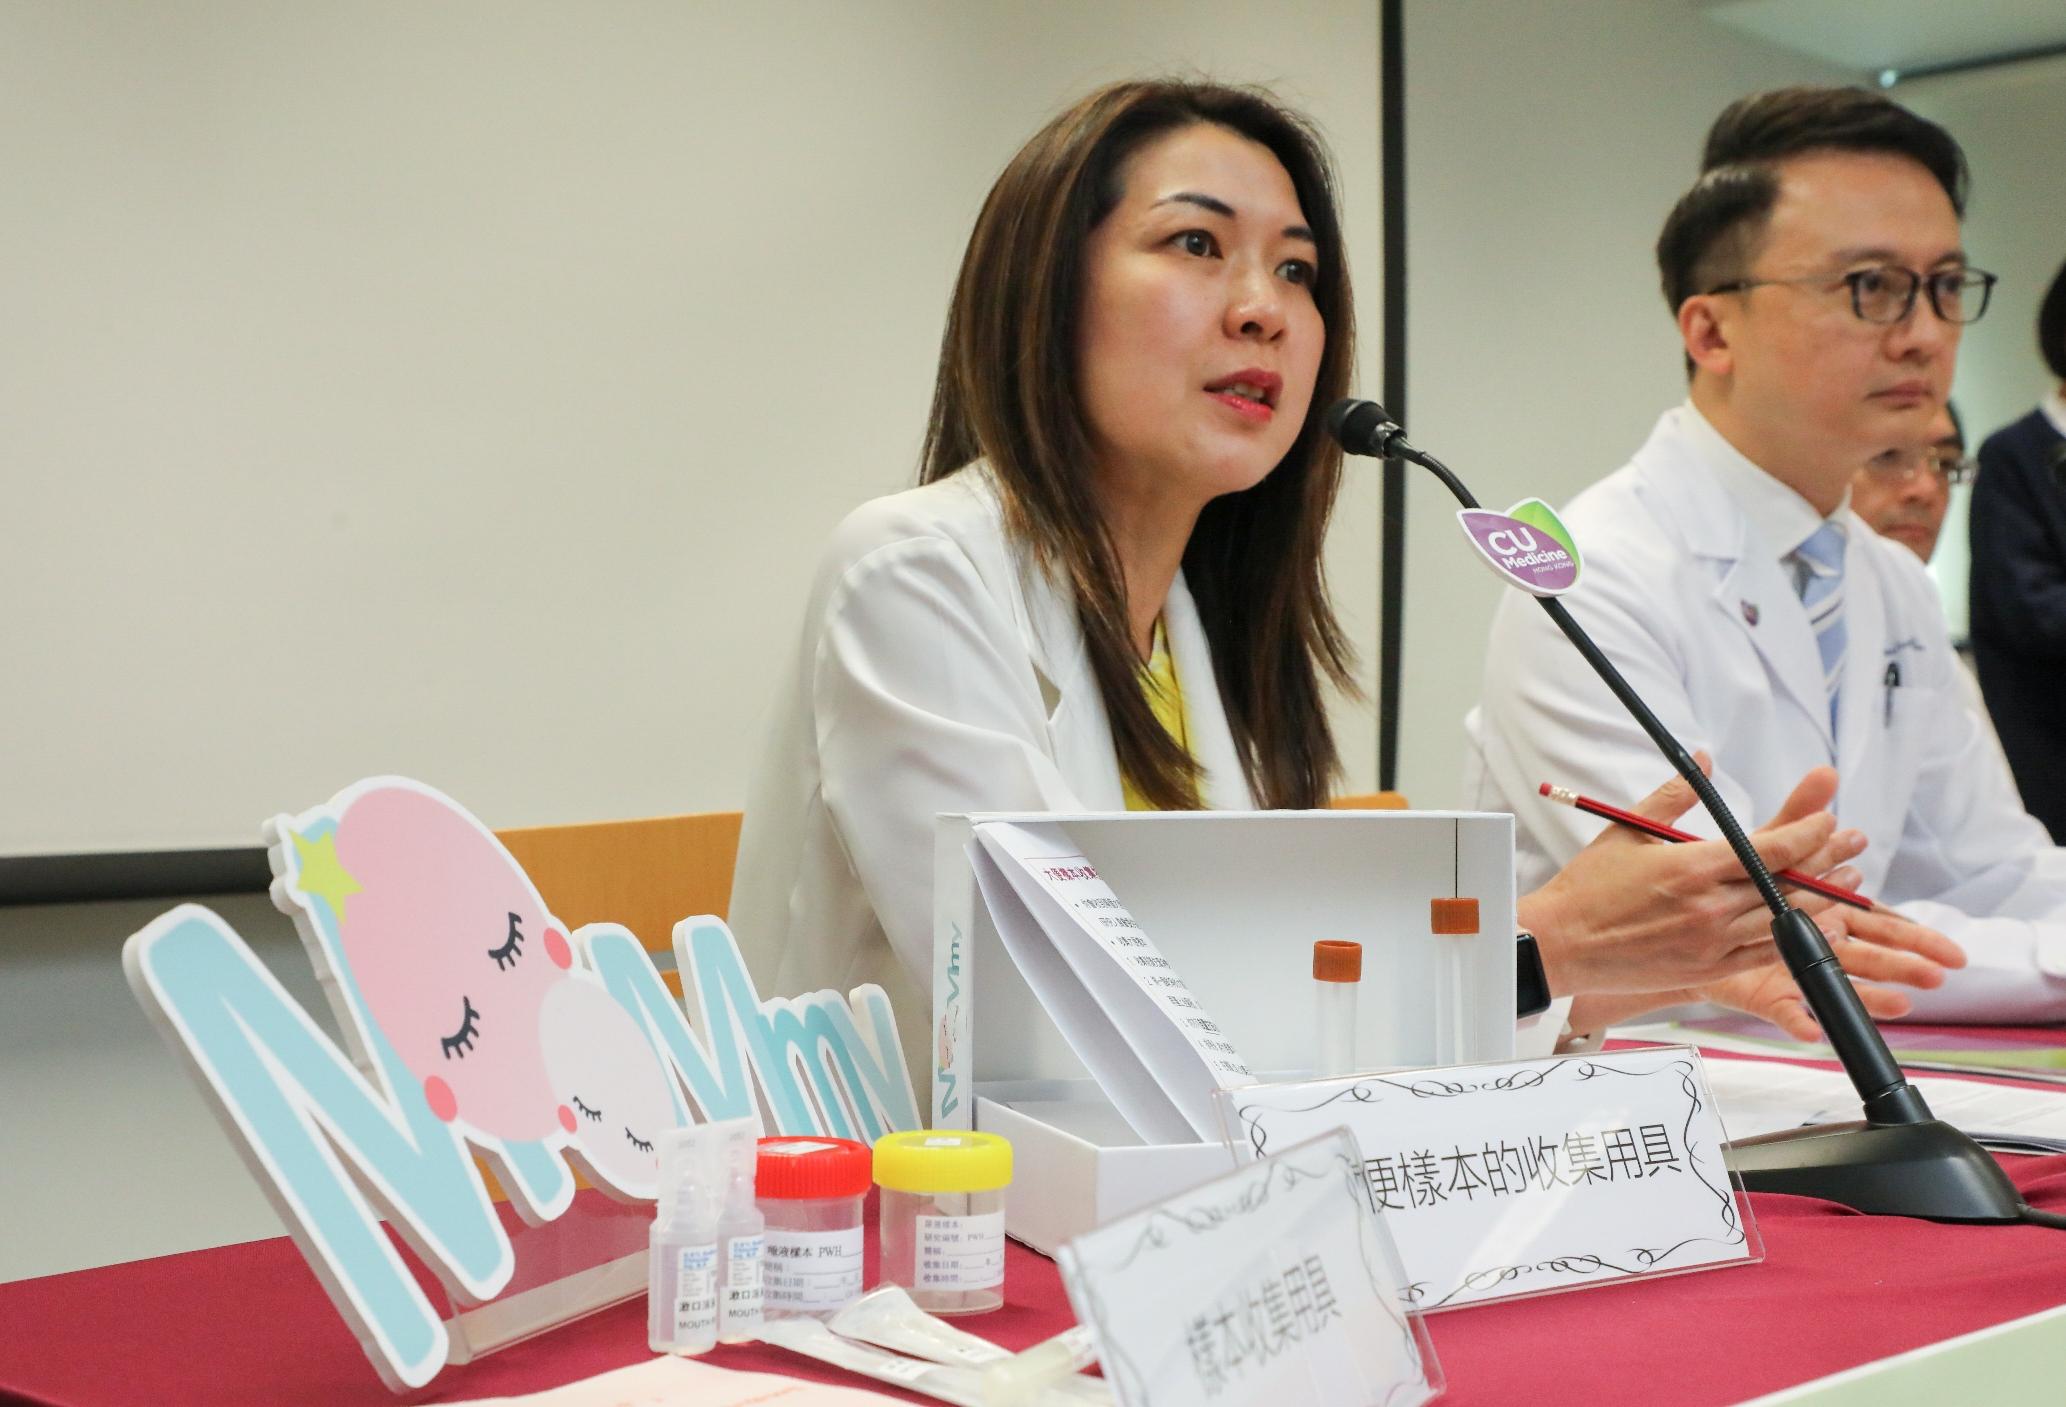 黄秀娟教授希望藉今次研究,找出母亲怀孕期间传播给婴儿的微生物,以及对幼儿期免疫系统发展的影响,并始创方法来改变微生物组群。